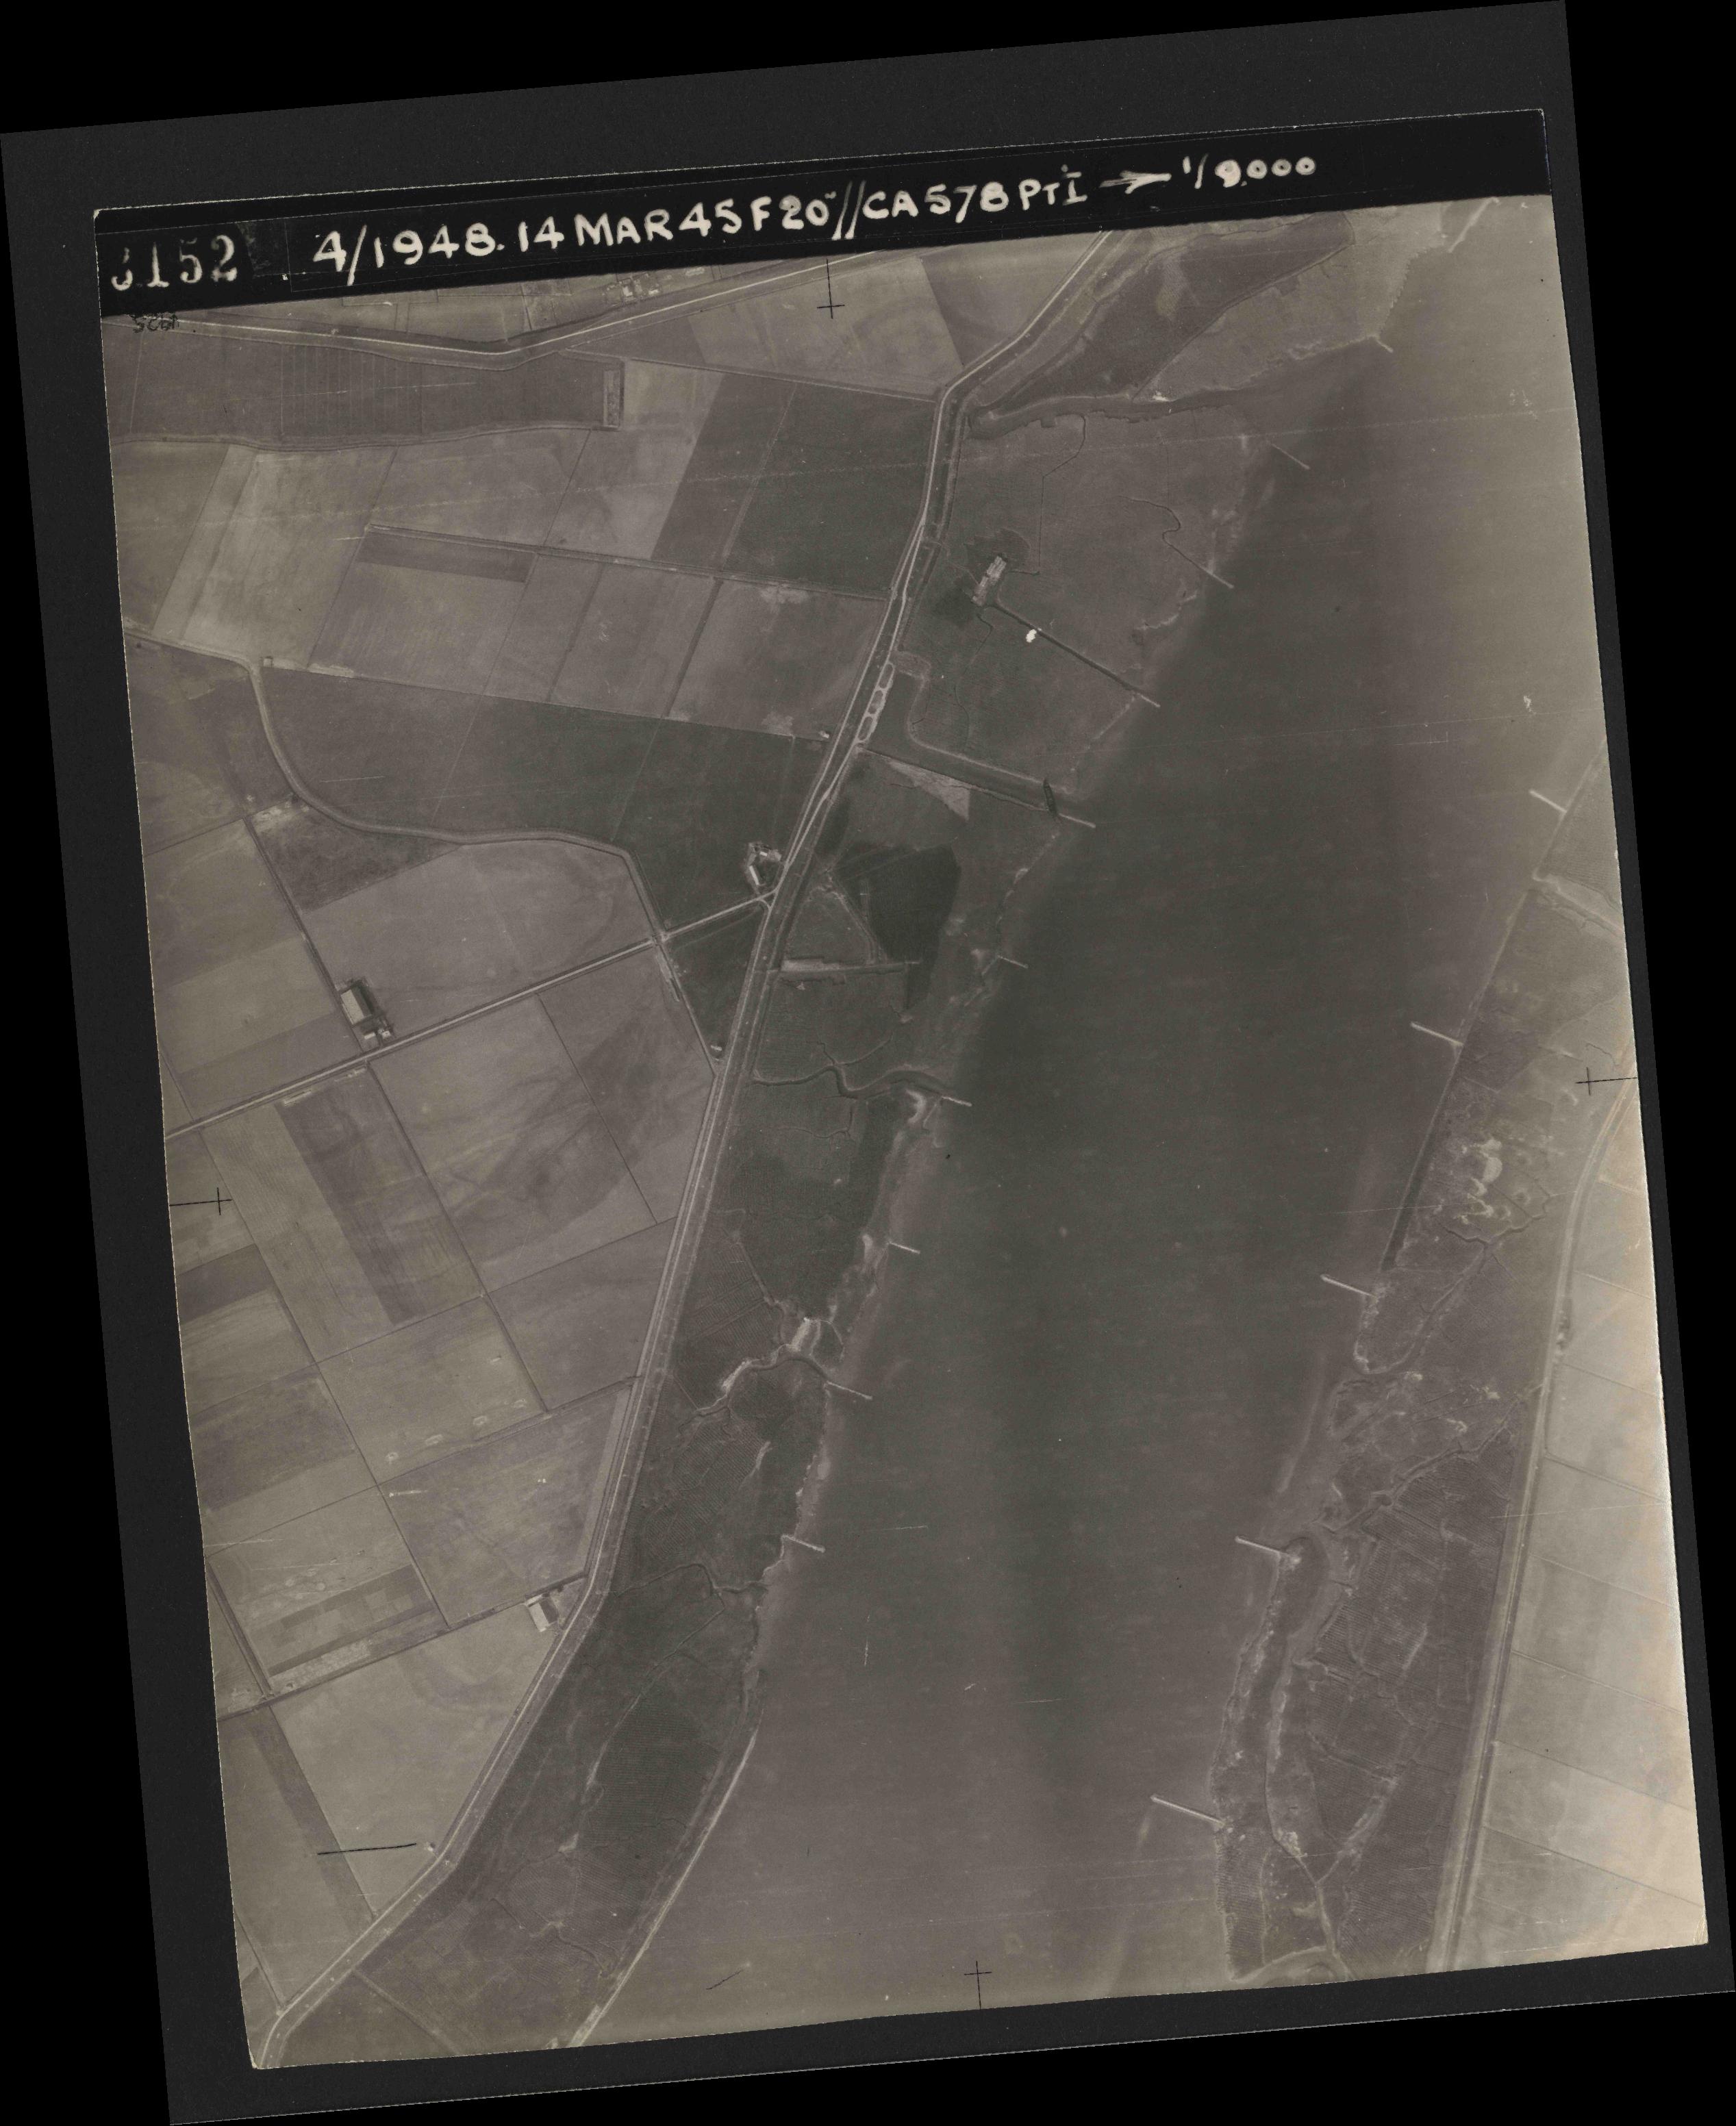 Collection RAF aerial photos 1940-1945 - flight 095, run 01, photo 3152